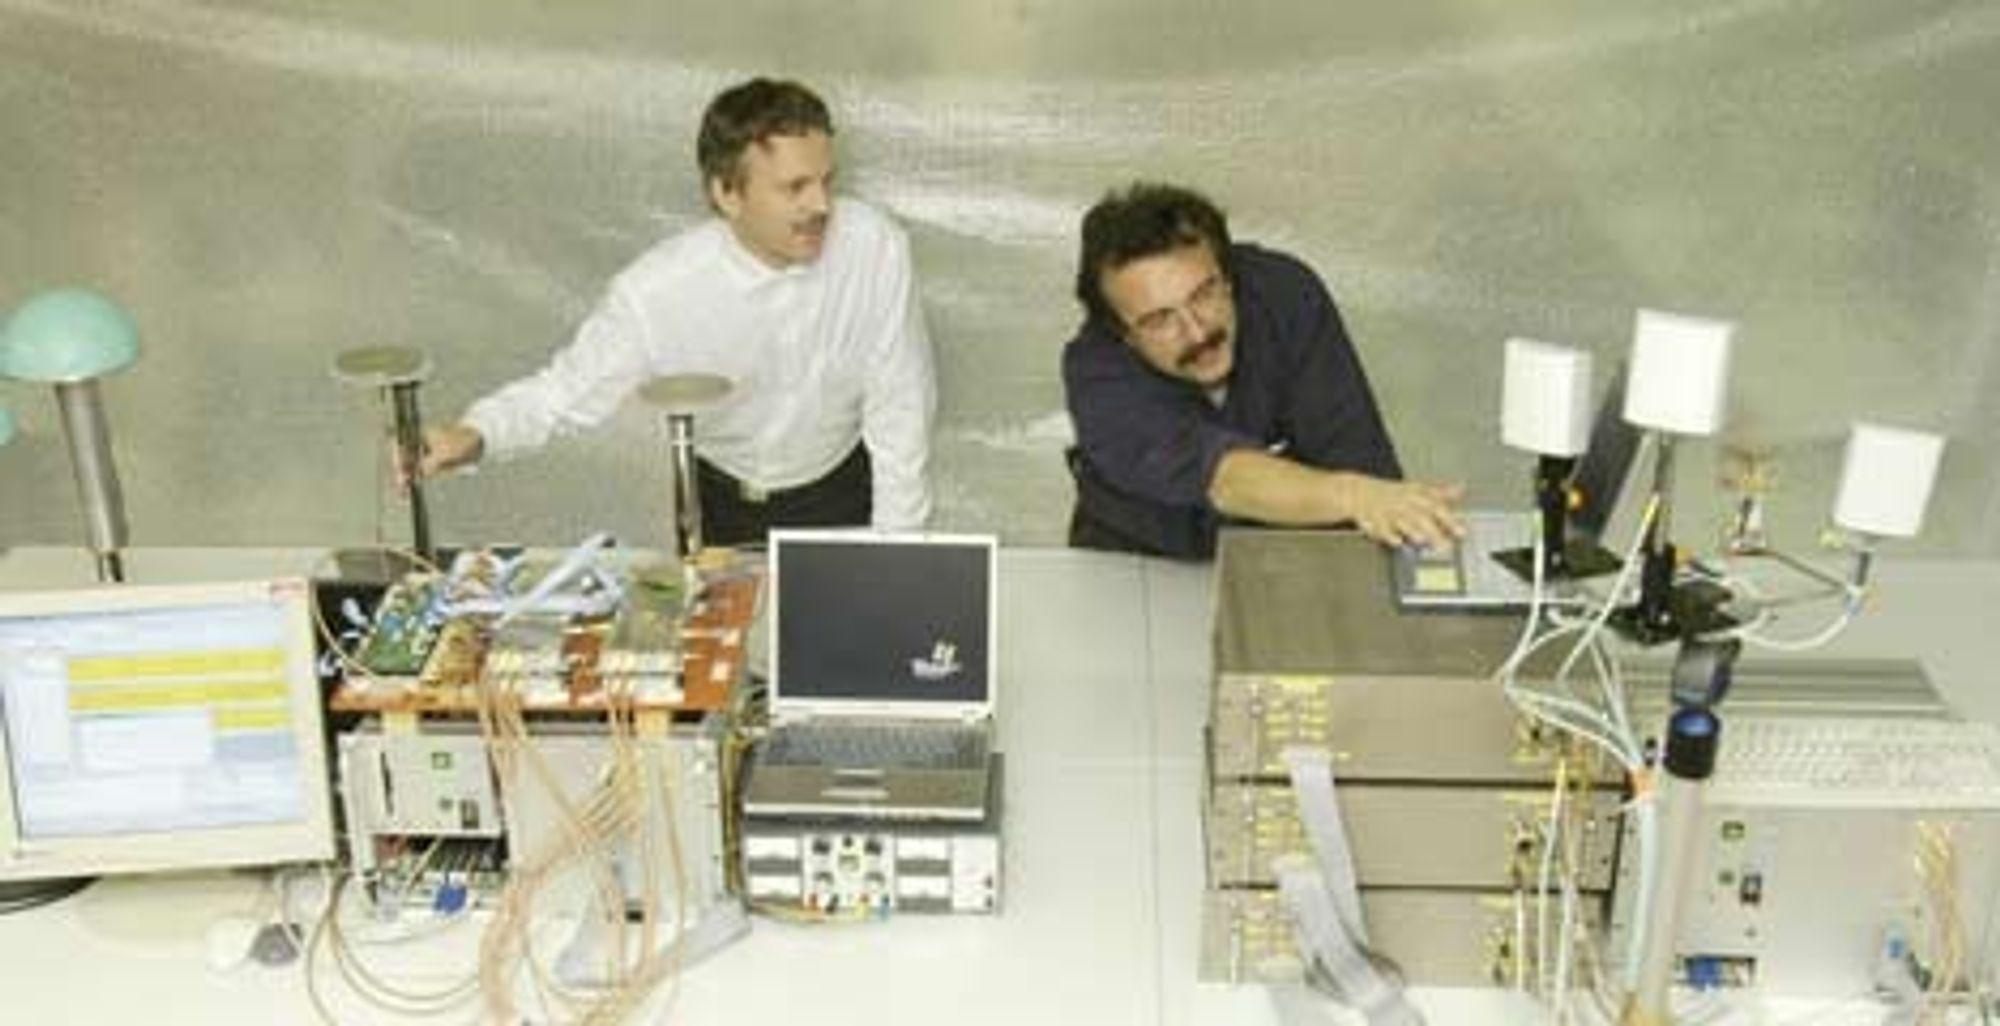 SUPERRASKT: Siemens-forskere demonstrerer her 1 Gbit/s trådløs dataoverføring.